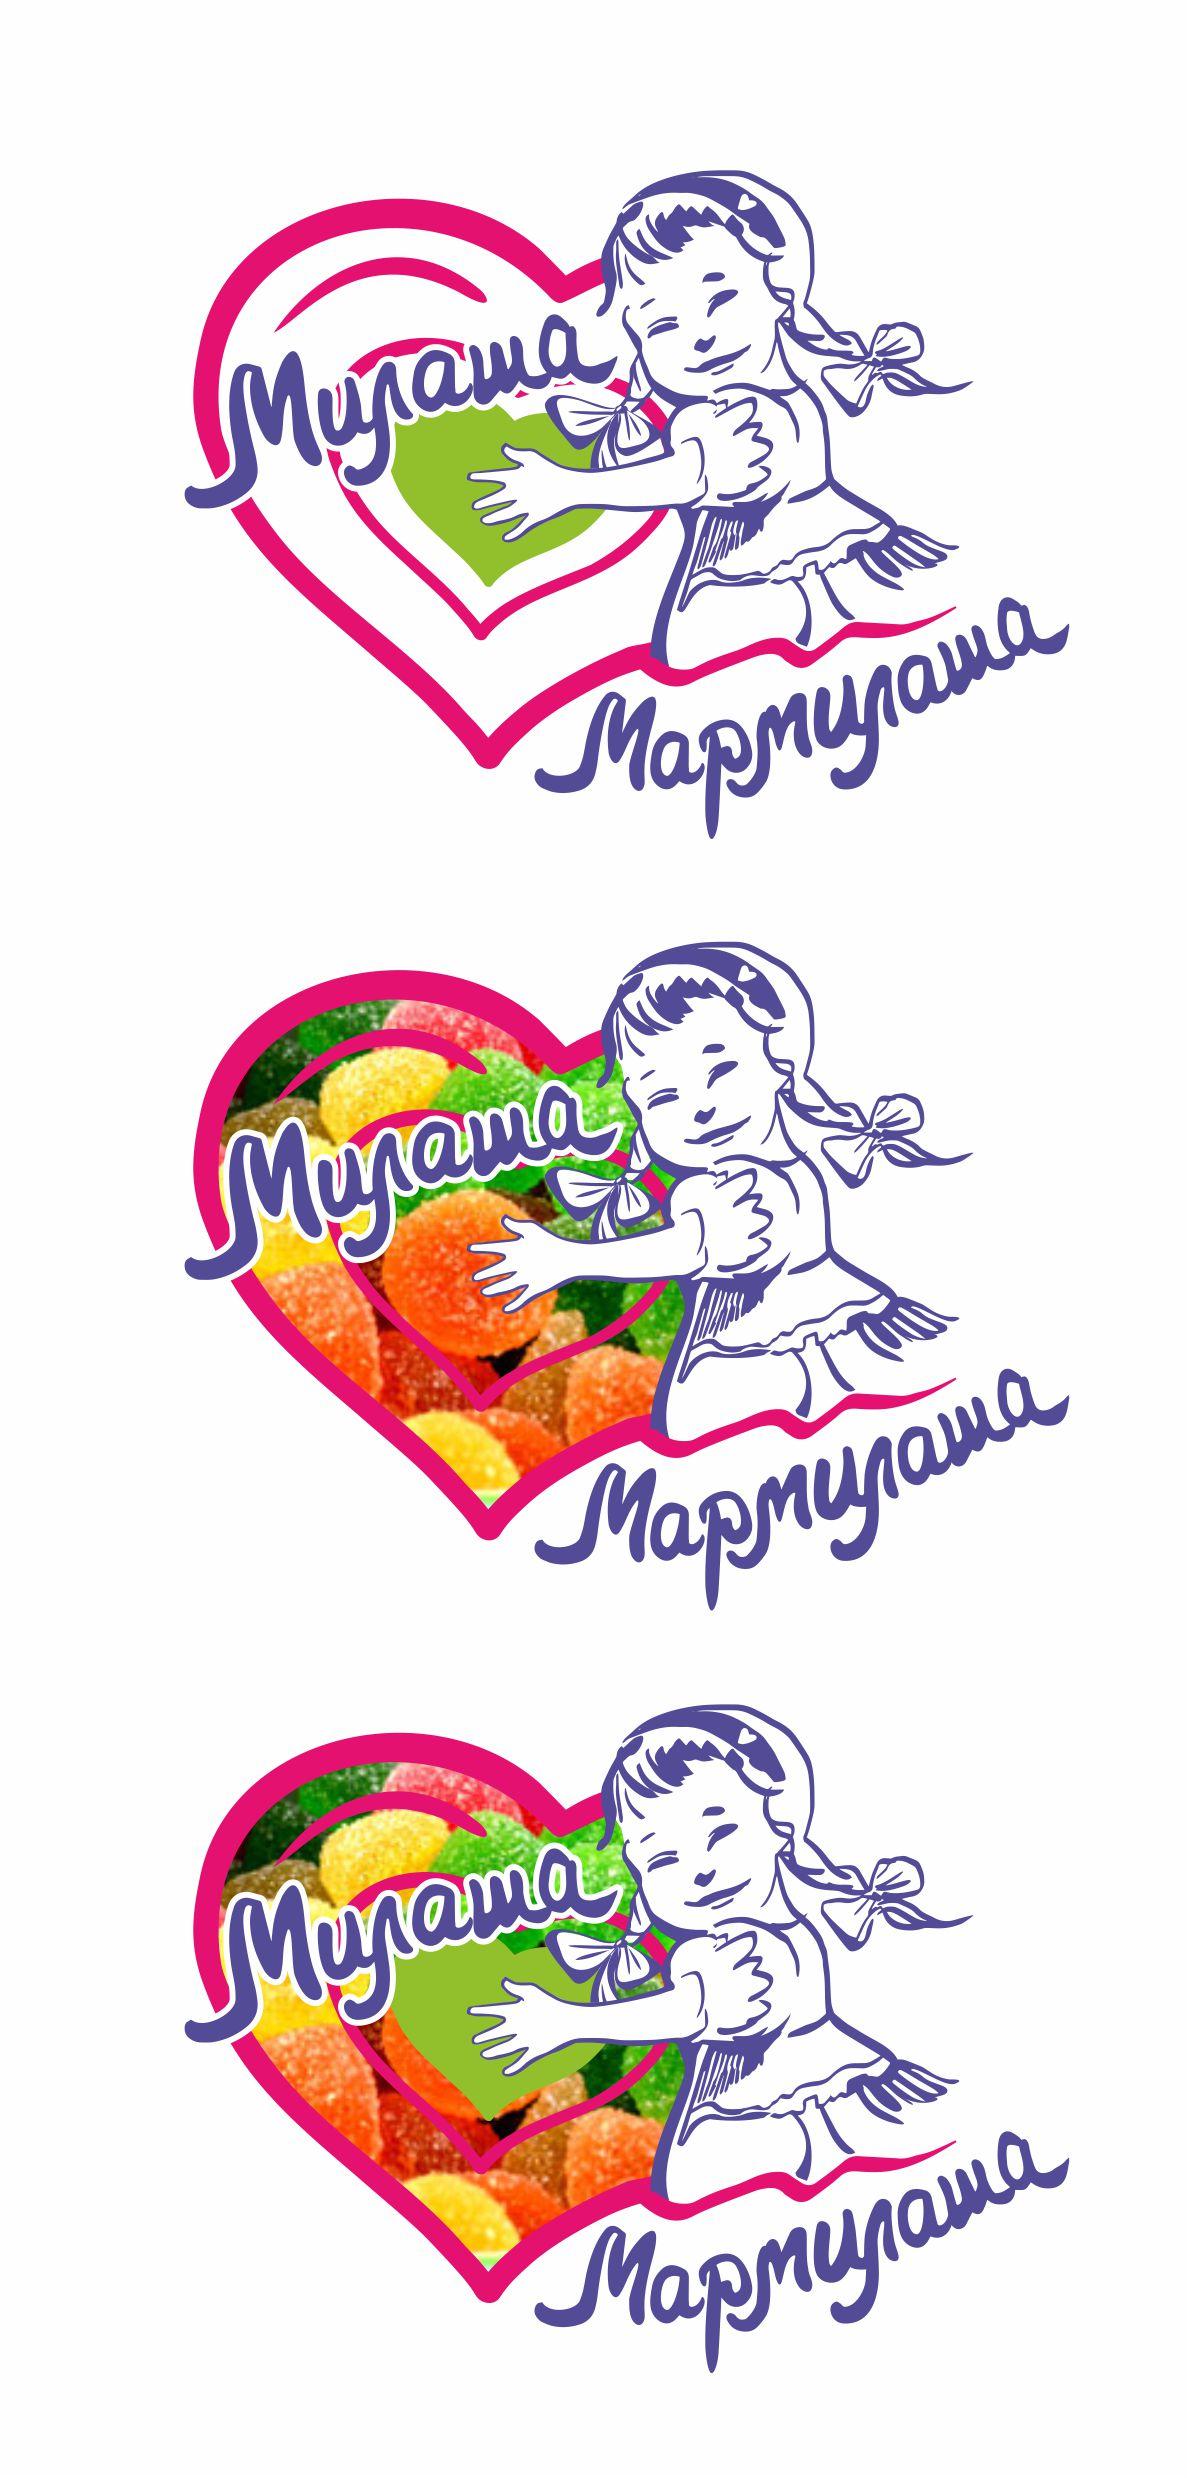 """Логотип для товарного знака """"Милаша-Мармилаша"""" фото f_953587ce4d0561c3.jpg"""